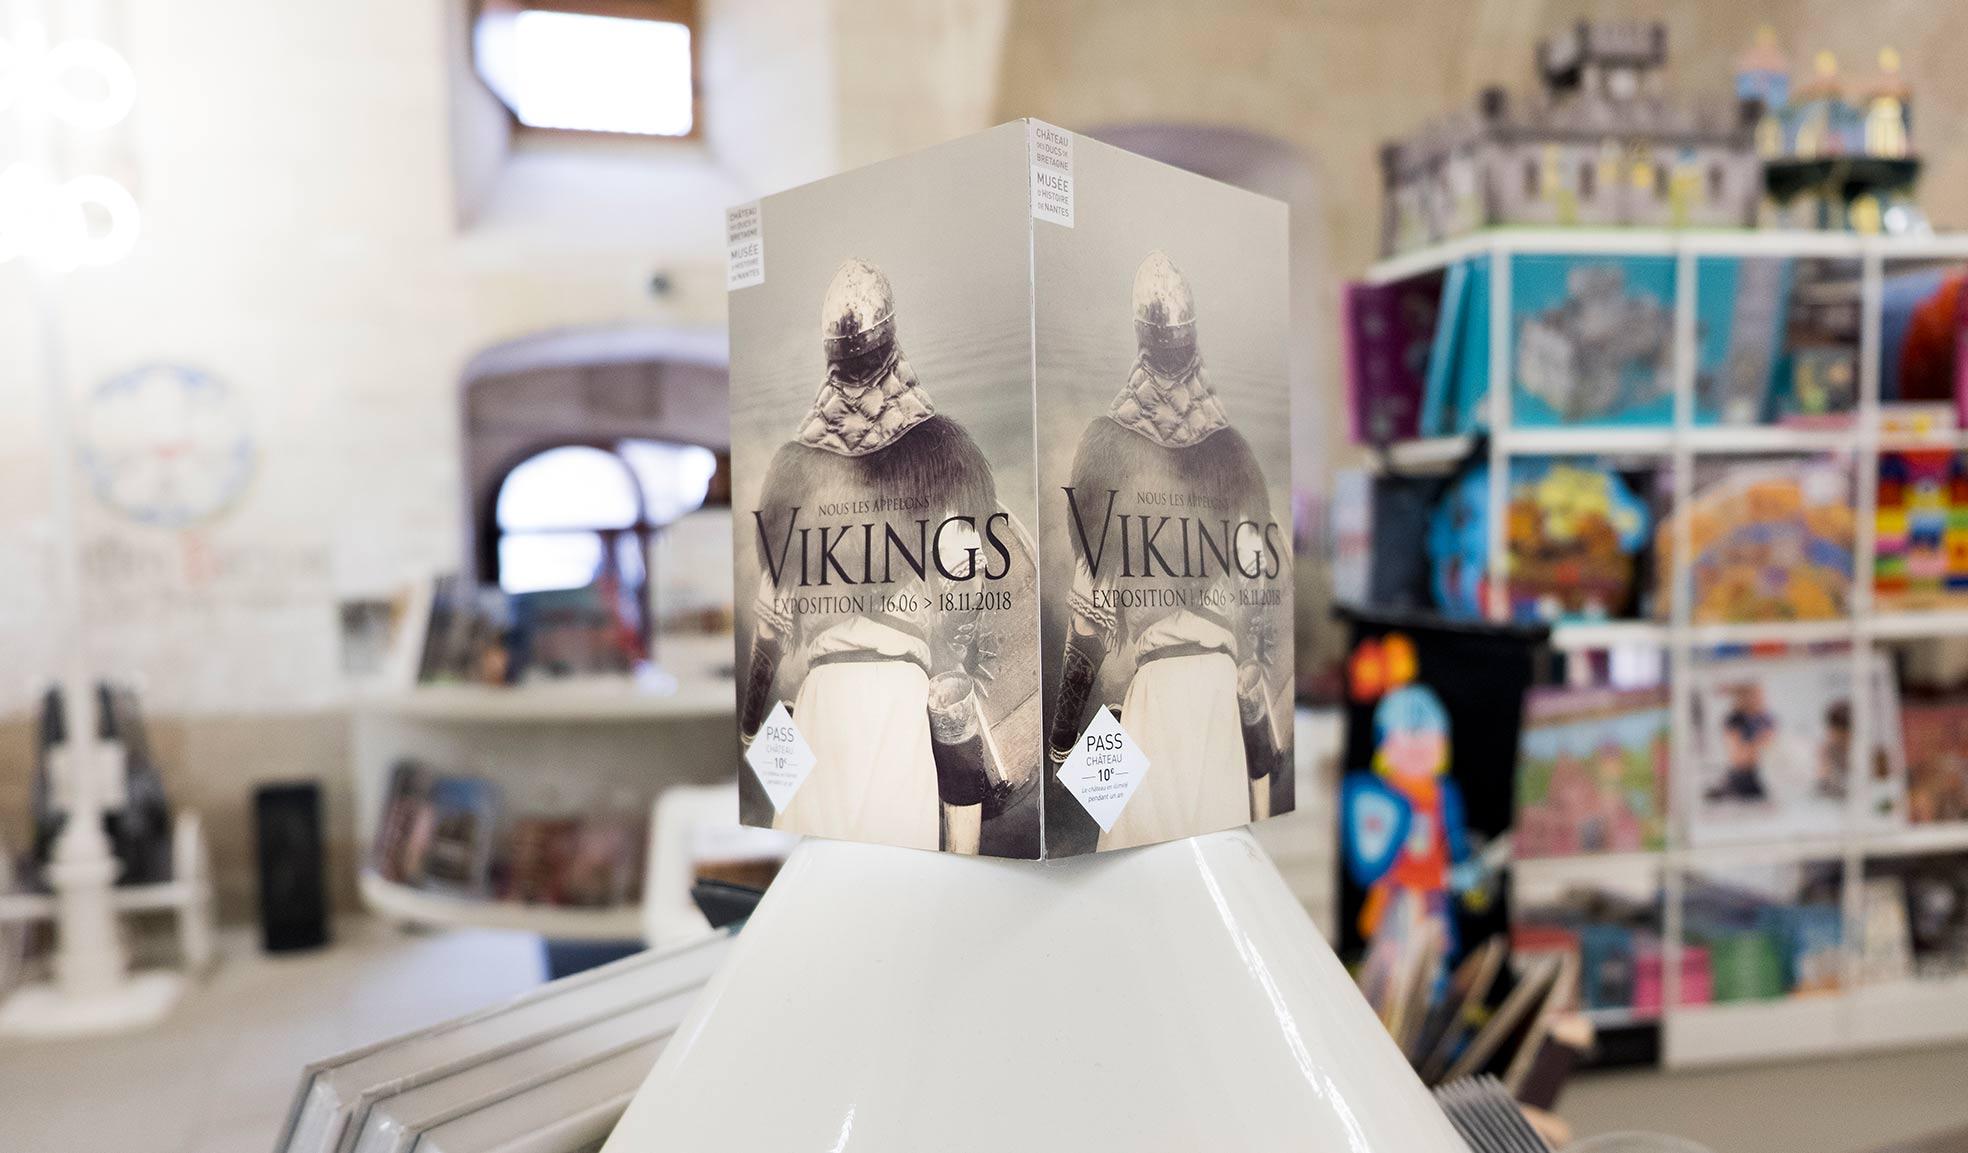 affiche exposition-viking-chateau-nantes